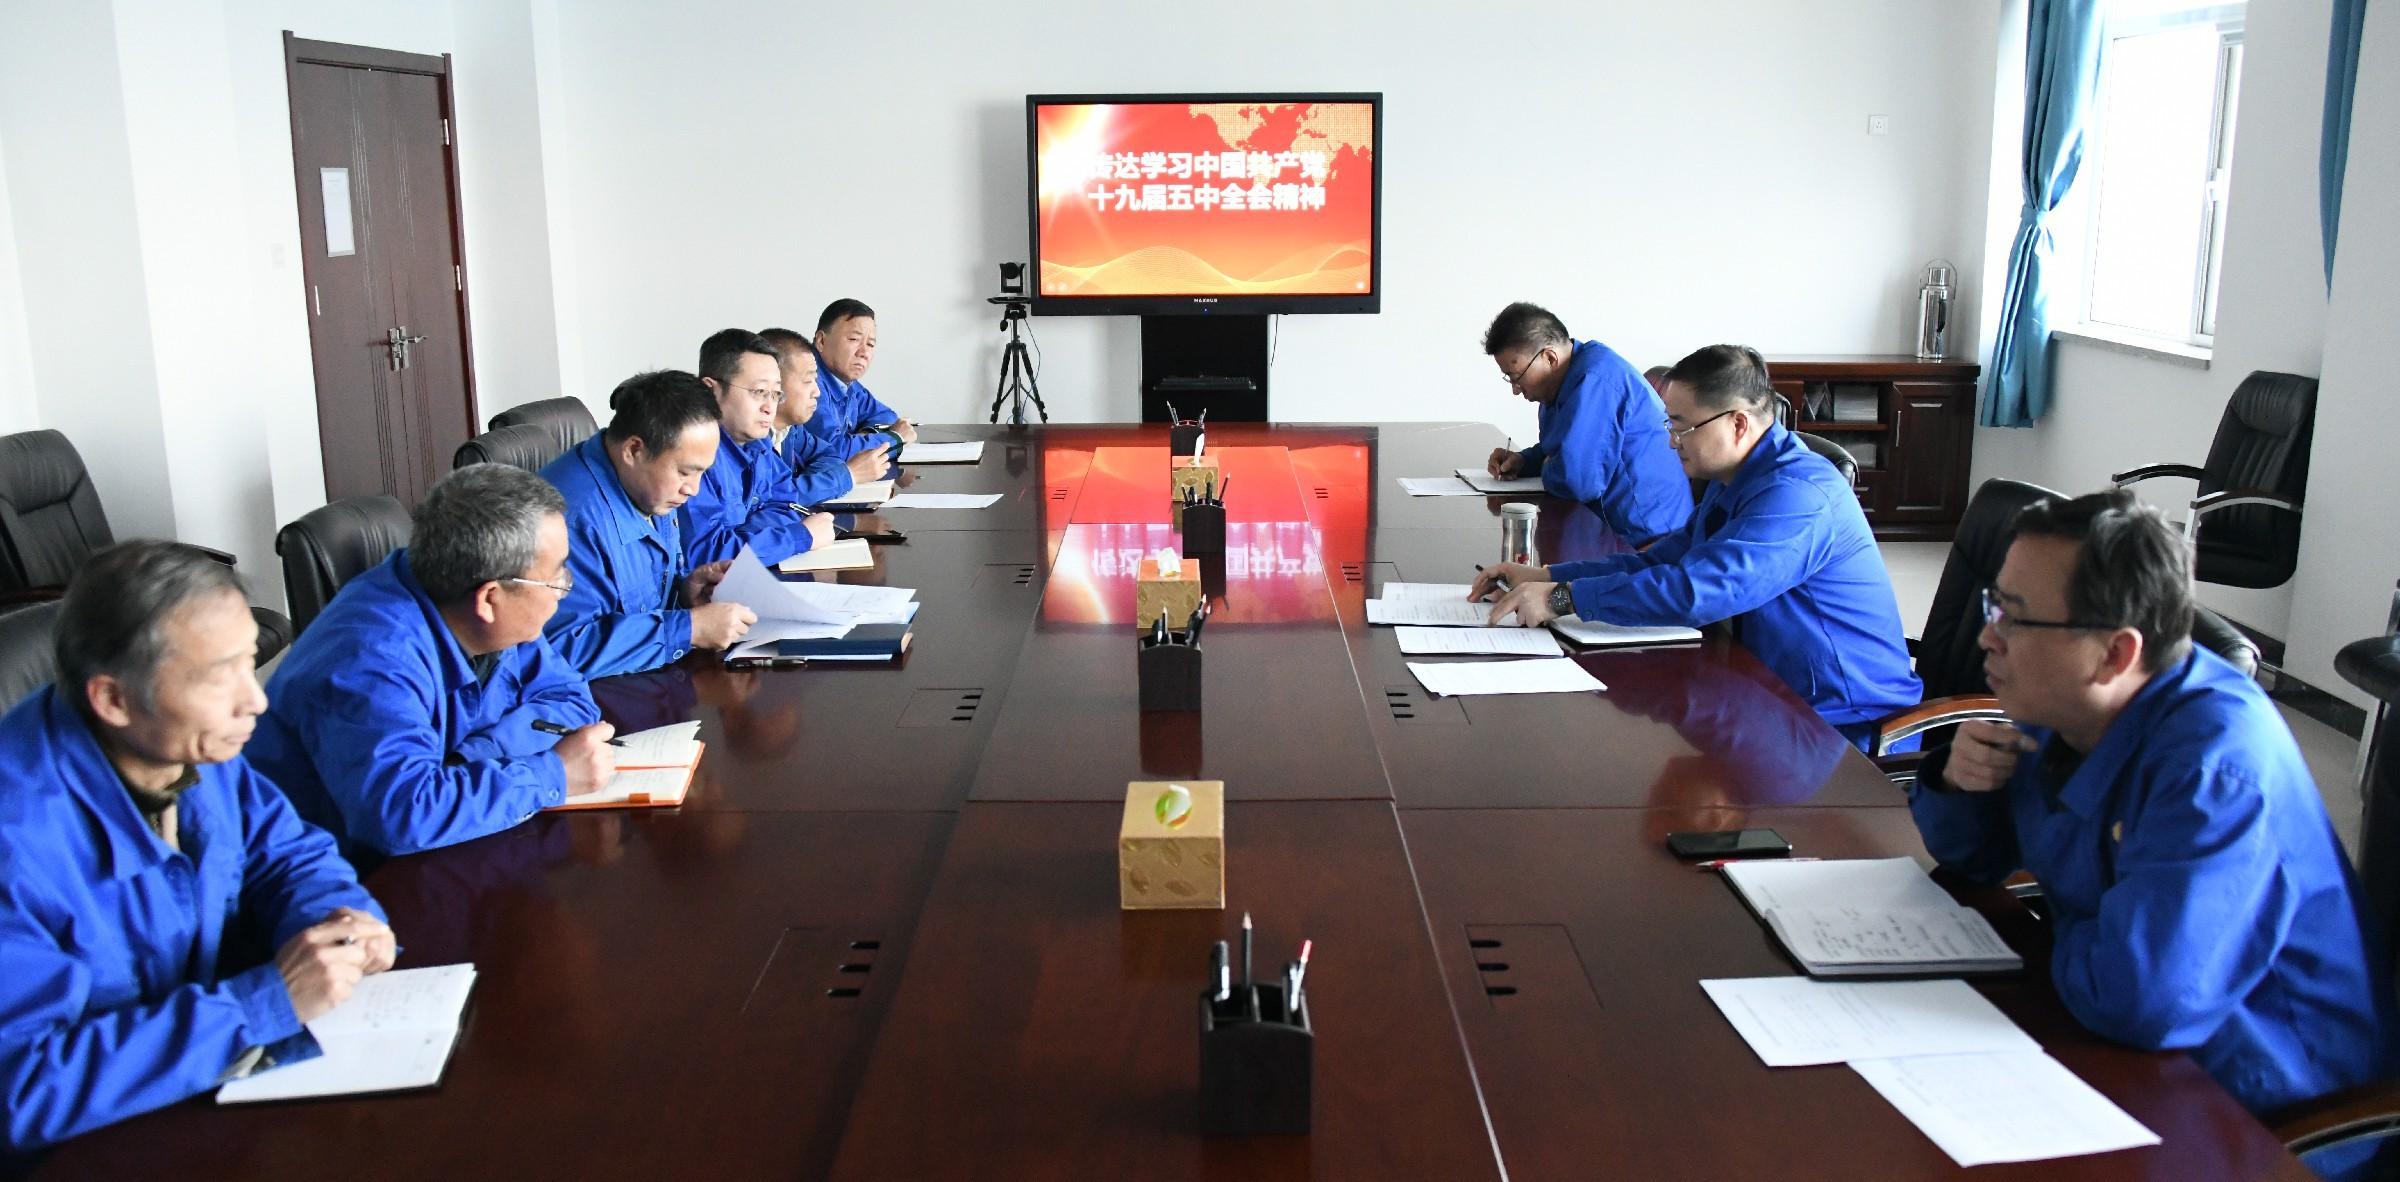 公司党委组织召开传达学习党的十九届五中全会精神专题会议